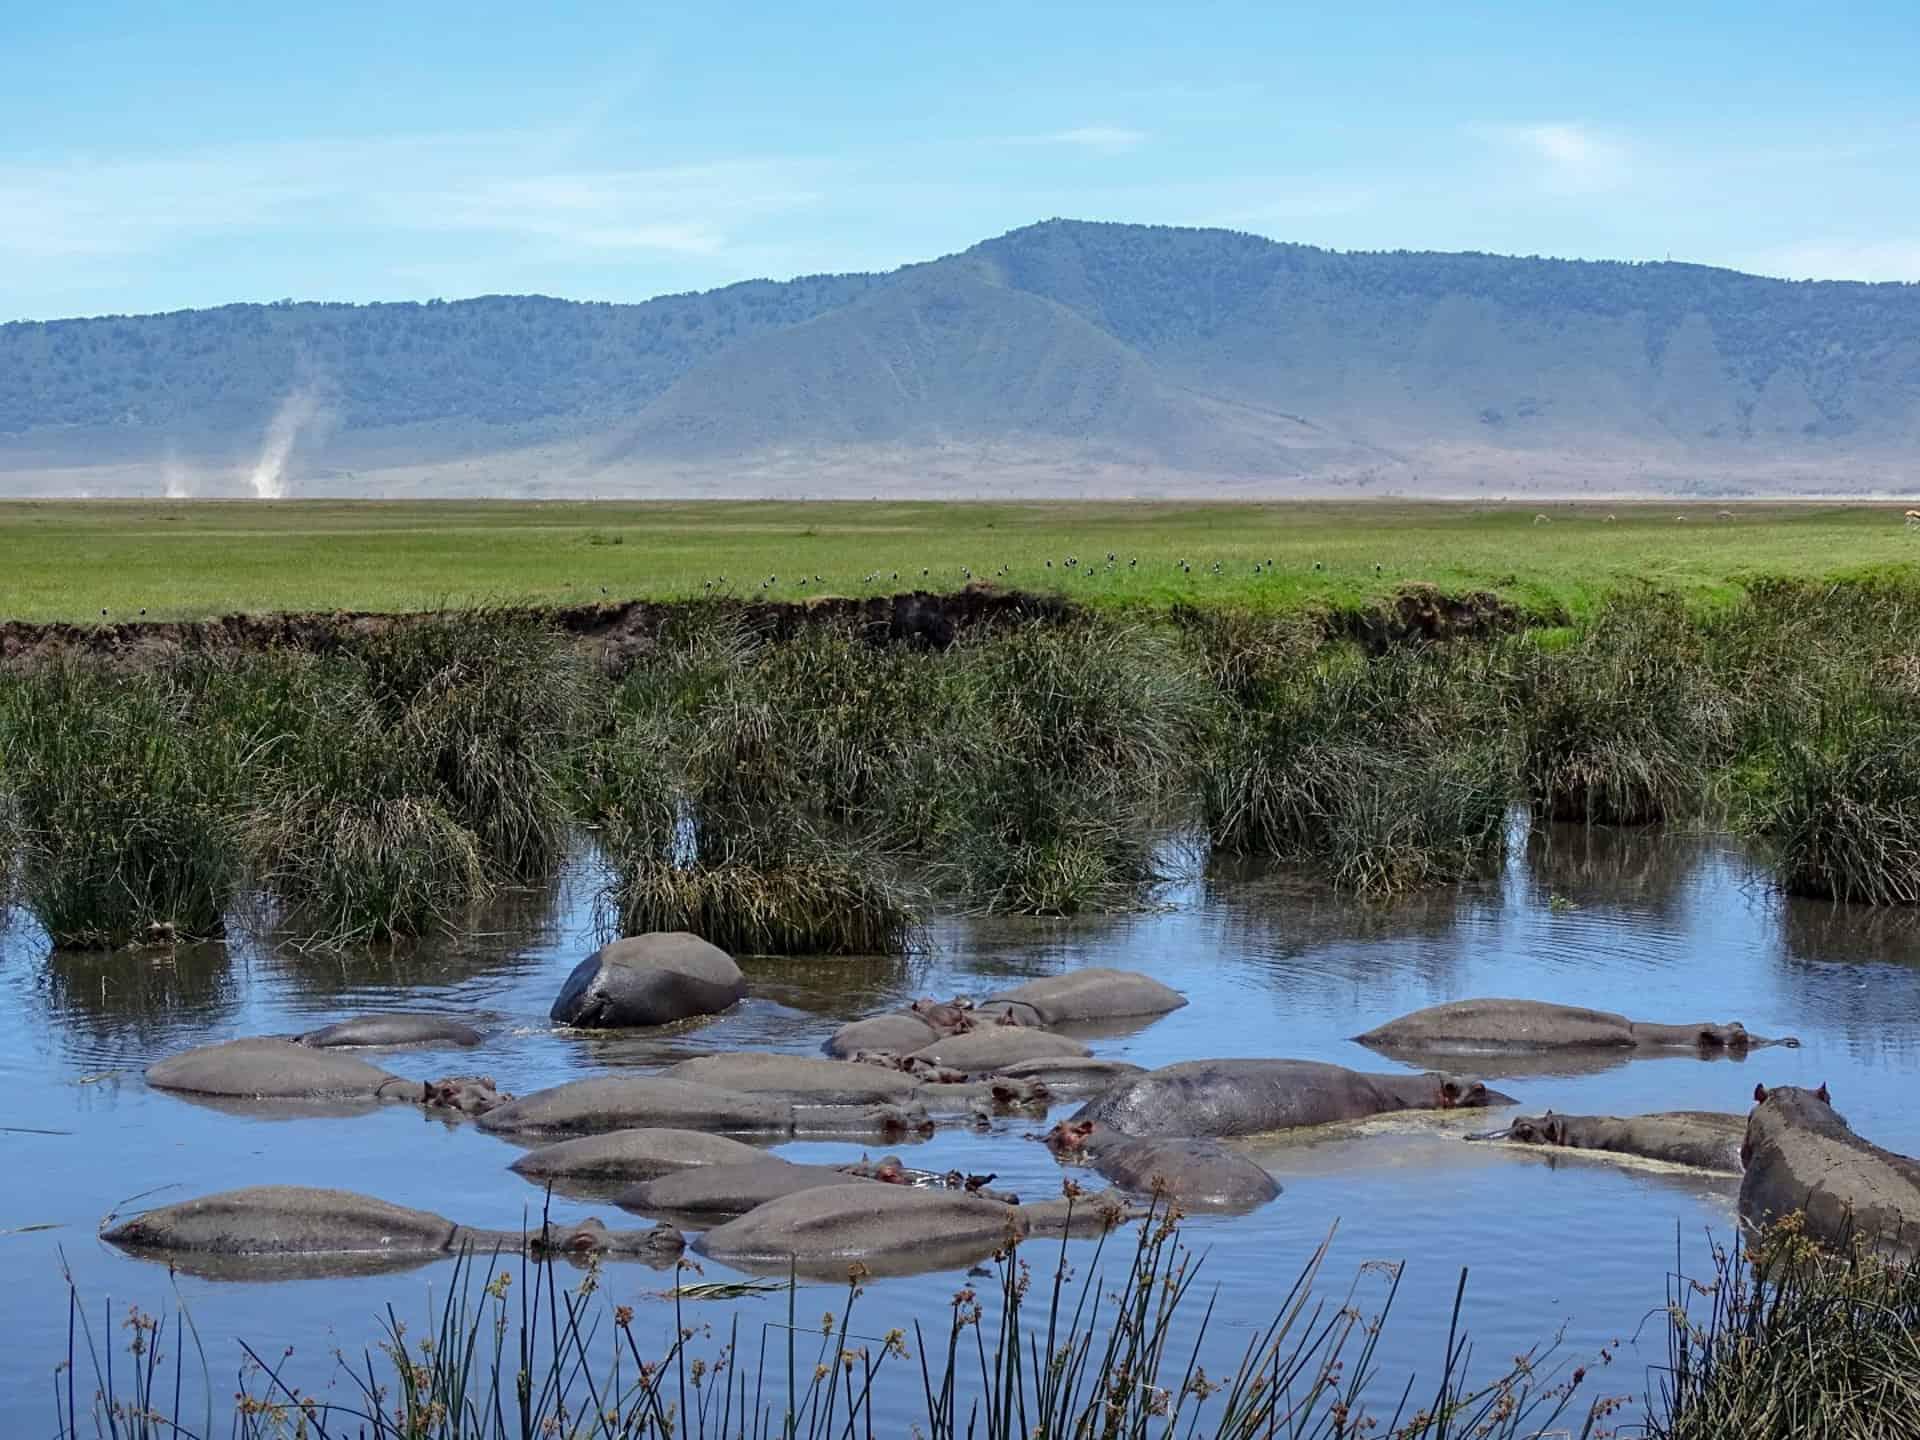 nijlpaarden in poel met krater op achtergrond